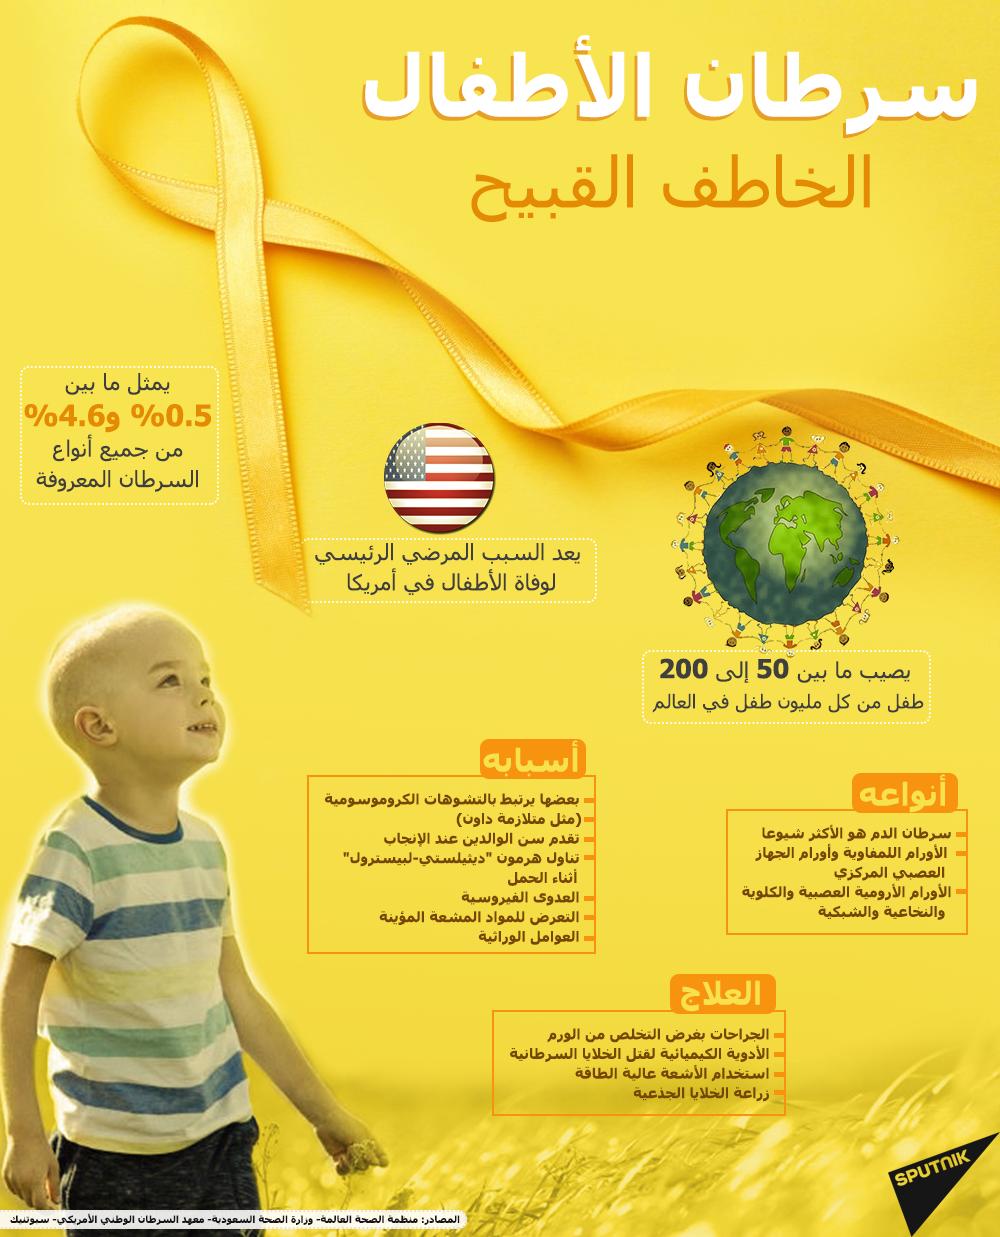 سرطان الأطفال... الخاطف القبيح